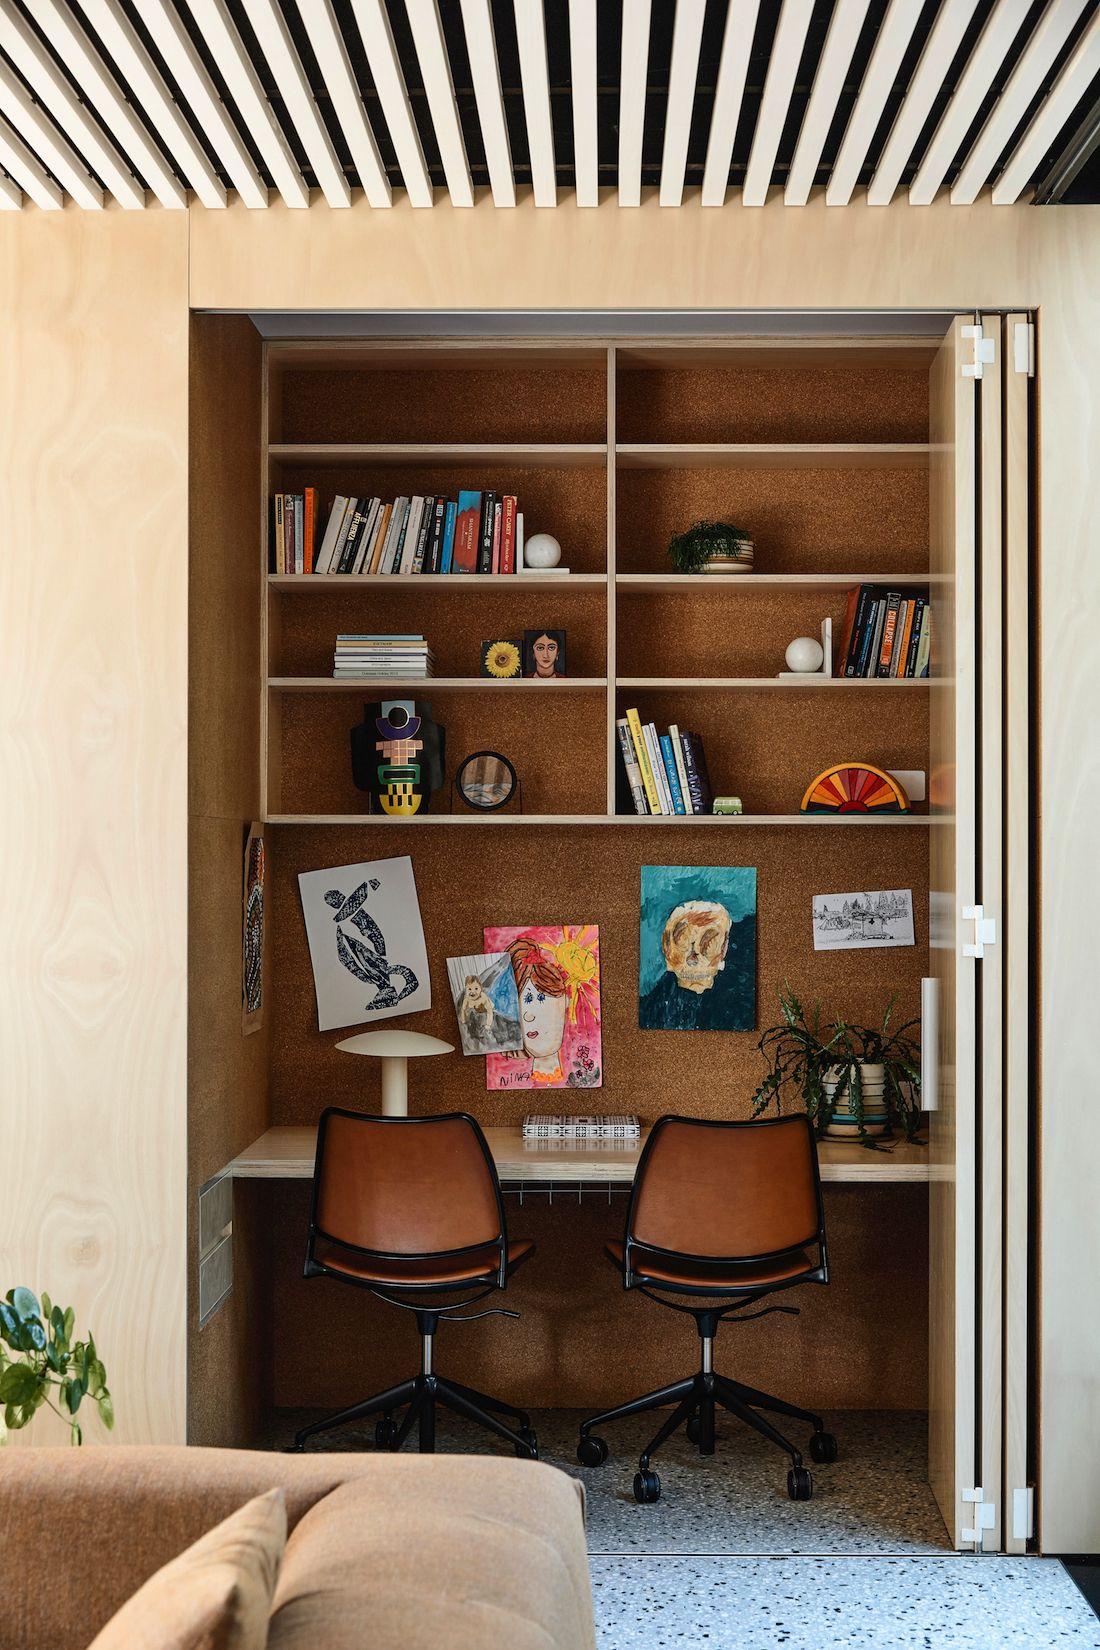 Built-in study nook in living room